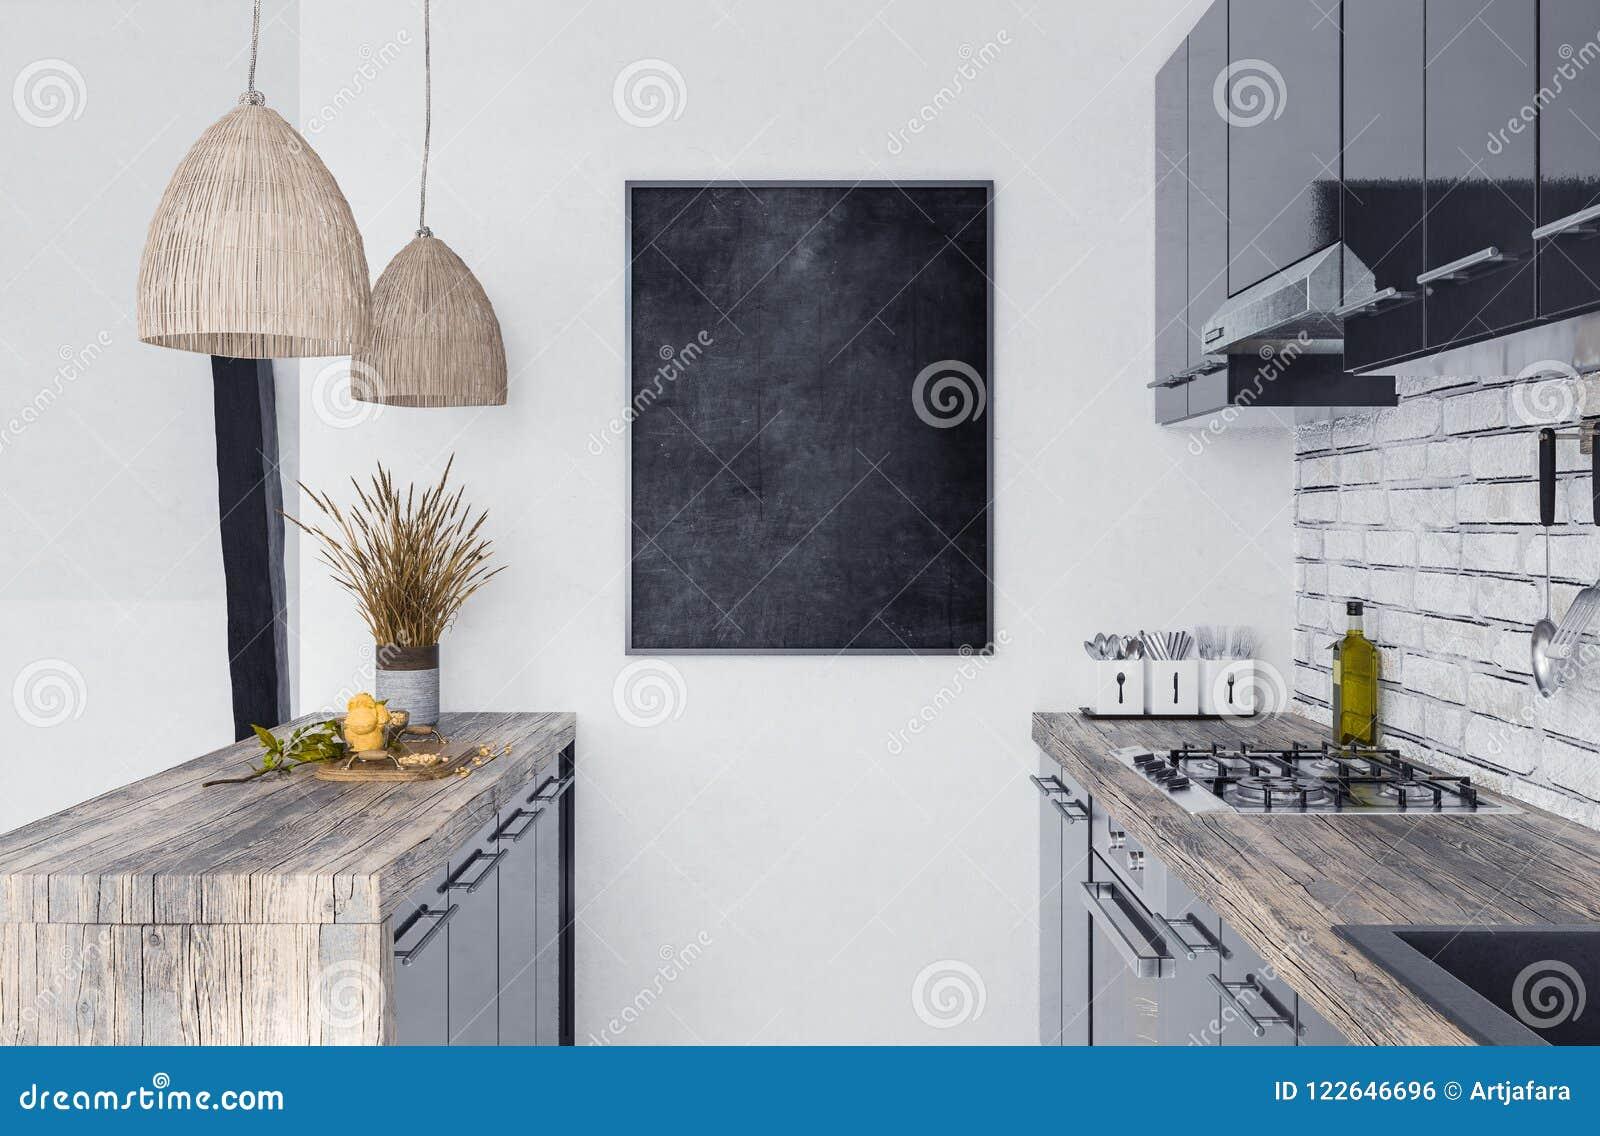 Zombe acima do quadro do cartaz no interior da cozinha, estilo de Scandi-boho